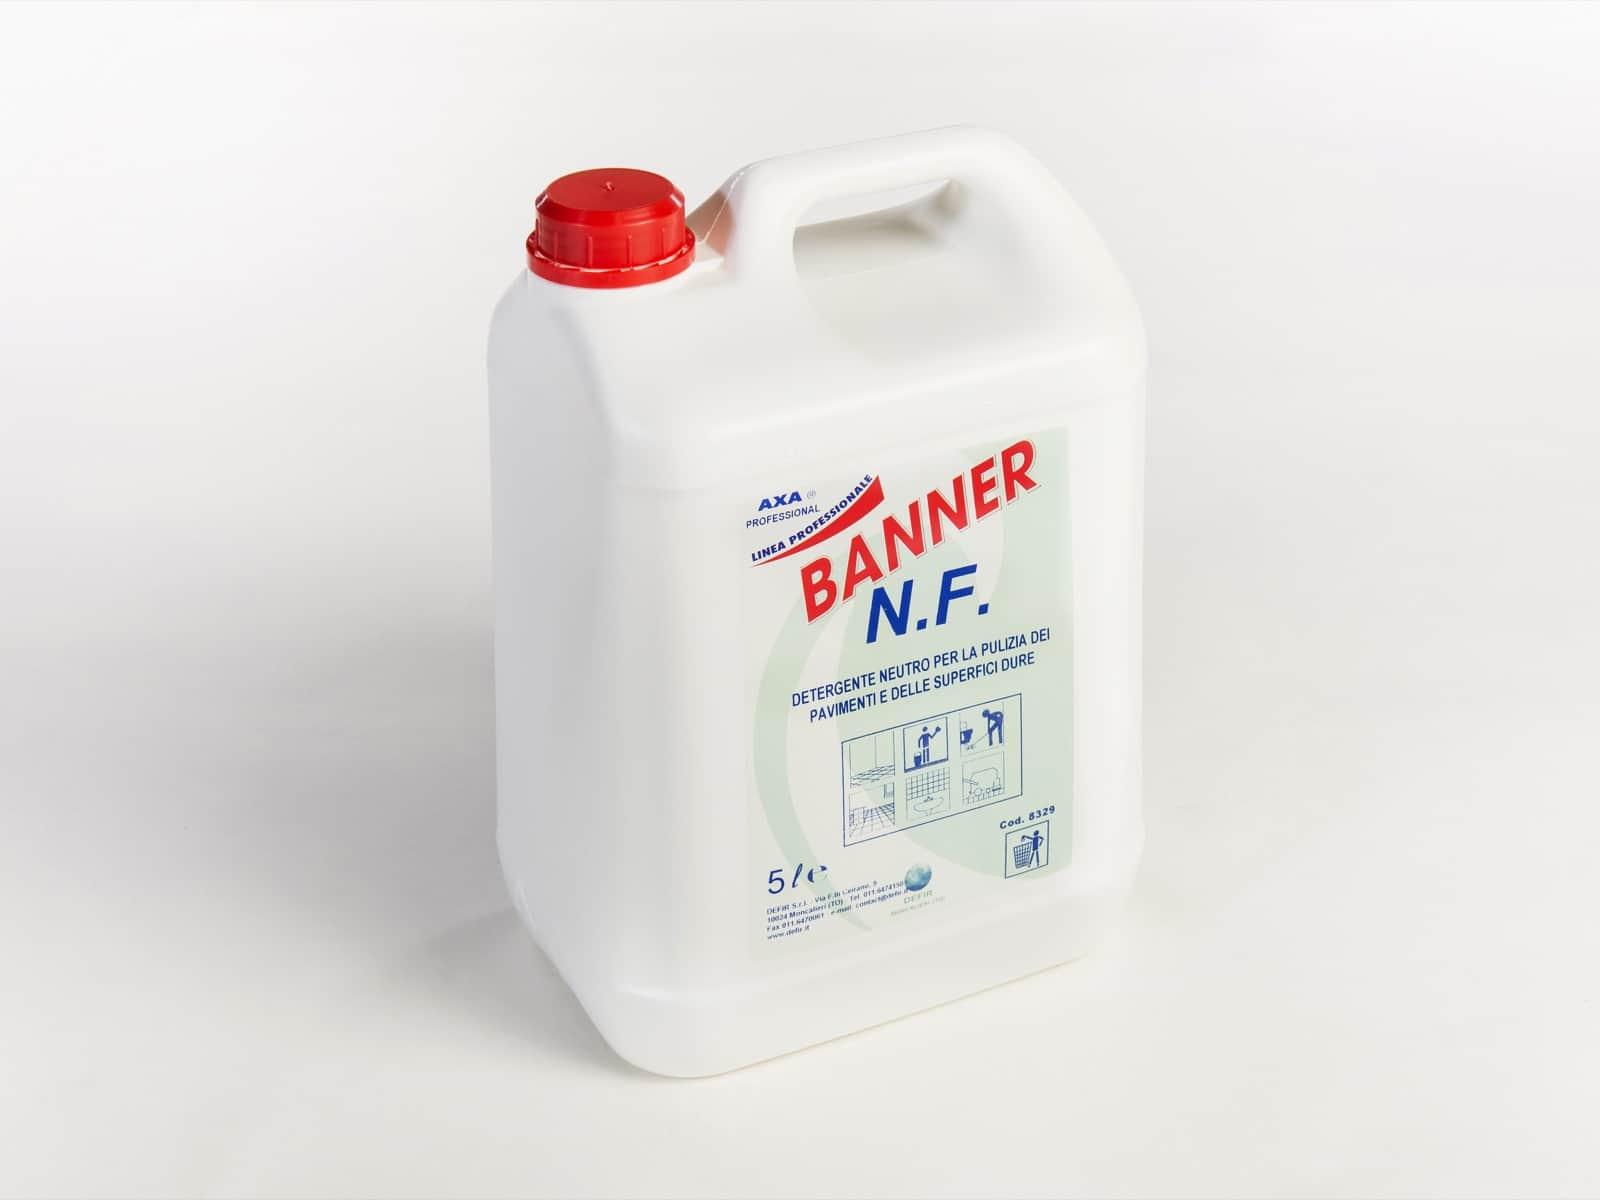 Axa Banner NF detergente pavimenti 5L - Defir detergenti Moncalieri Torino